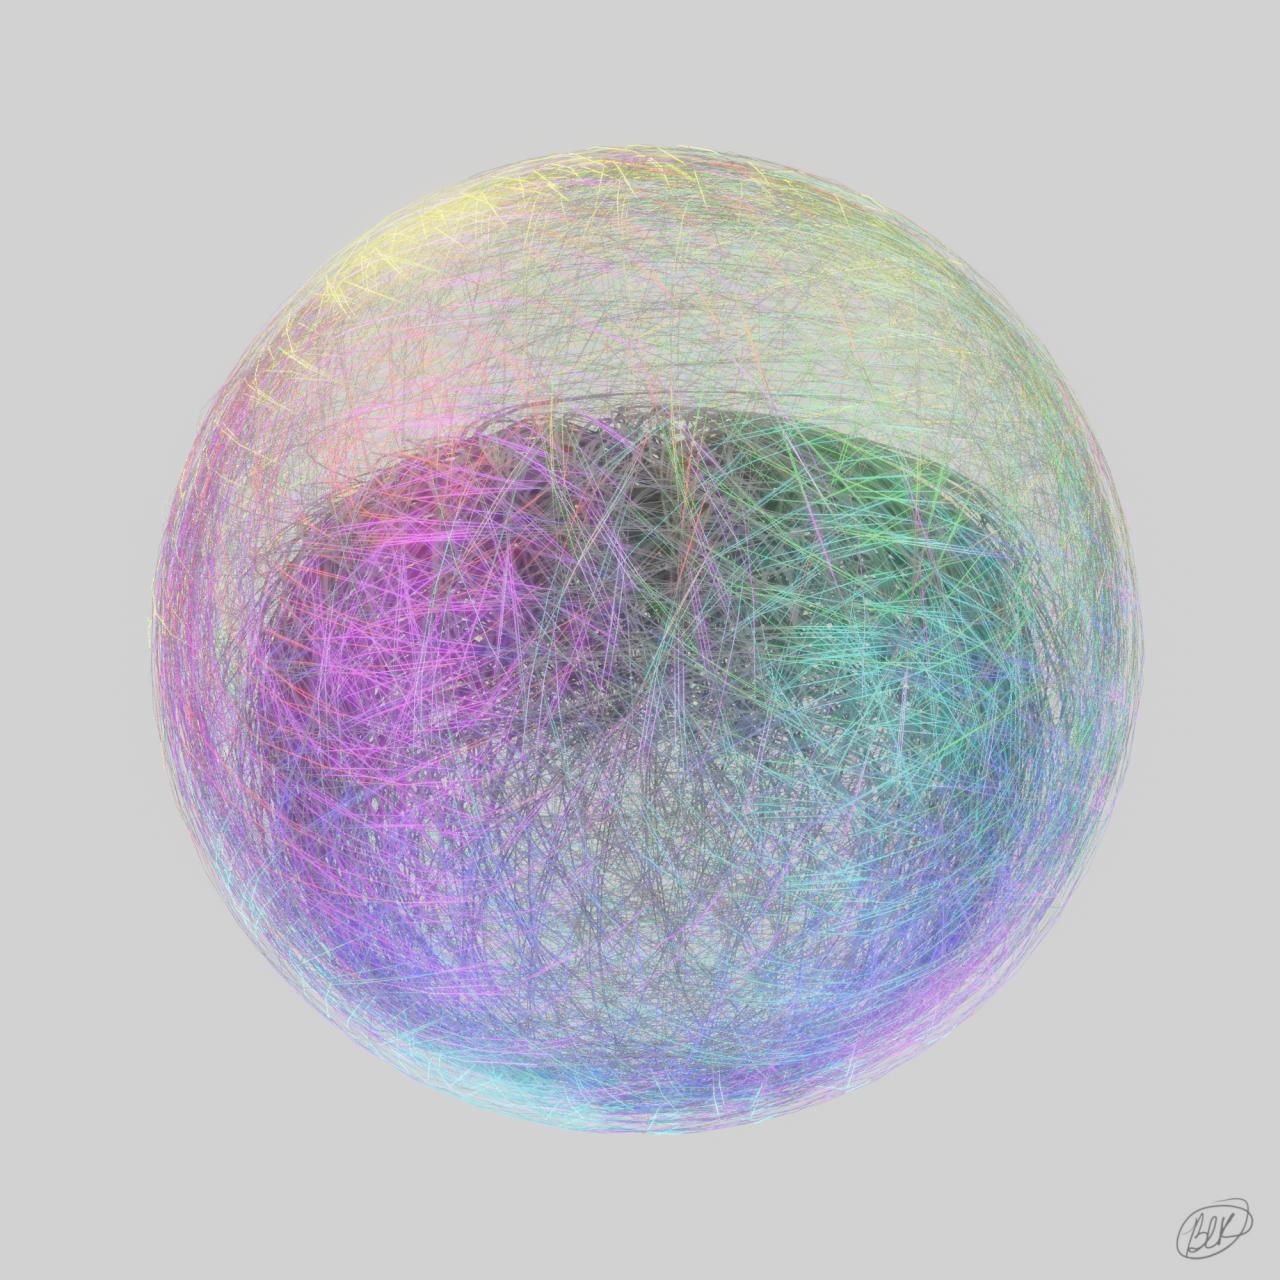 Spherule Cycle